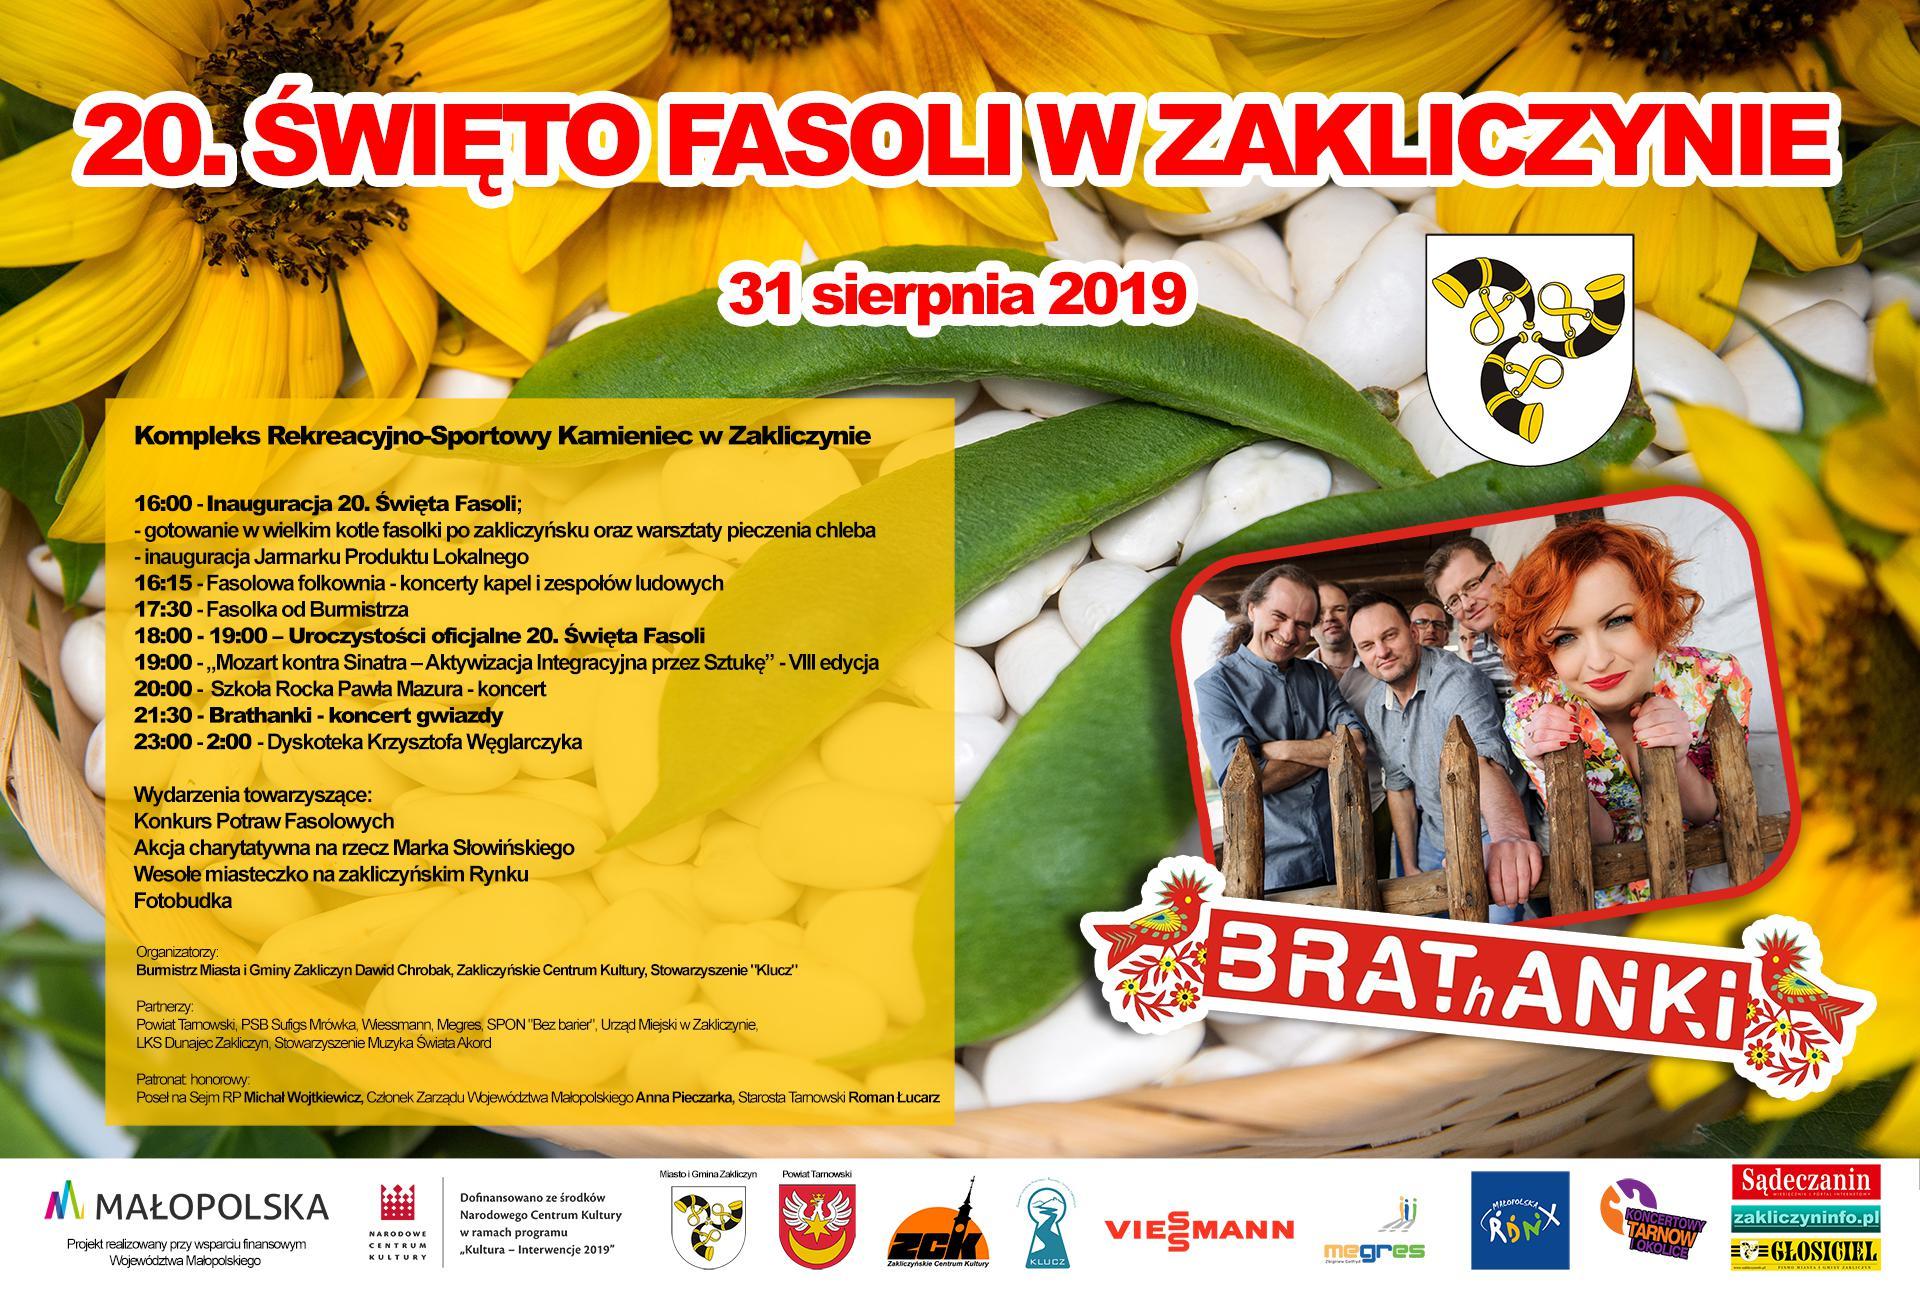 20. Święto Fasoli w Zakliczynie, 31 sierpnia 2019 r., plakat promocyjny imprezy